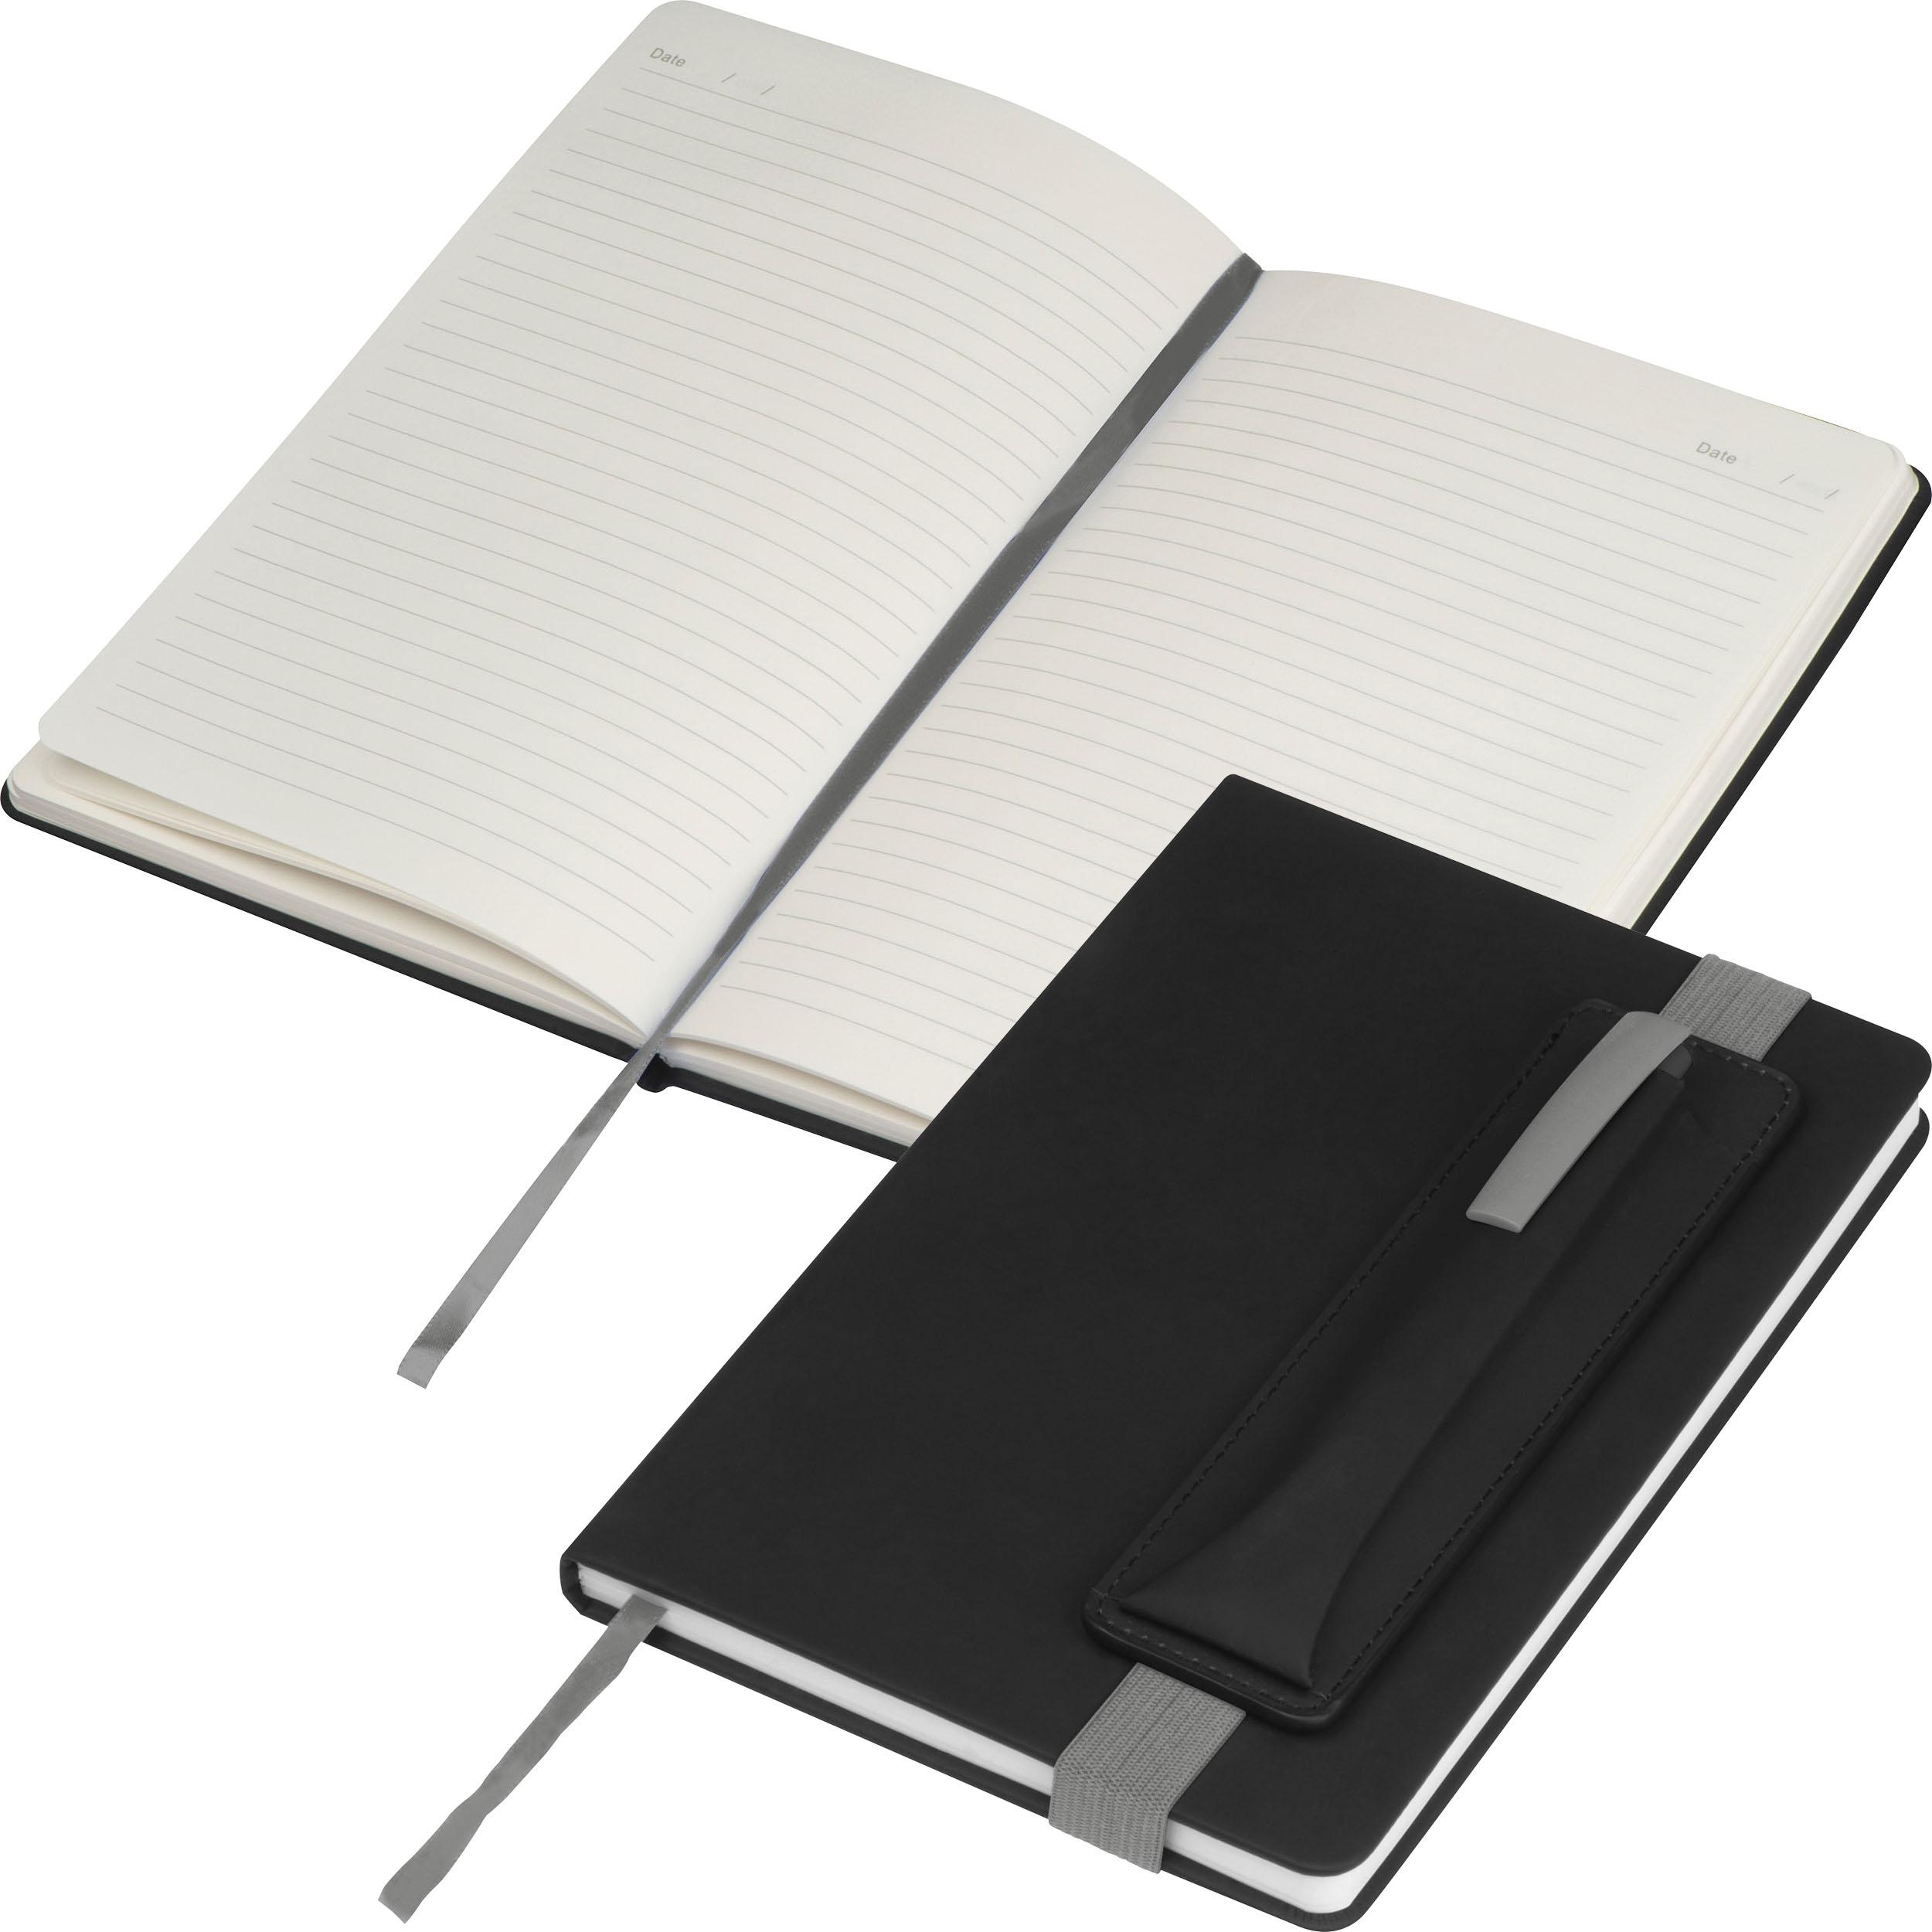 Notizbuch mit farbigen Applikationen